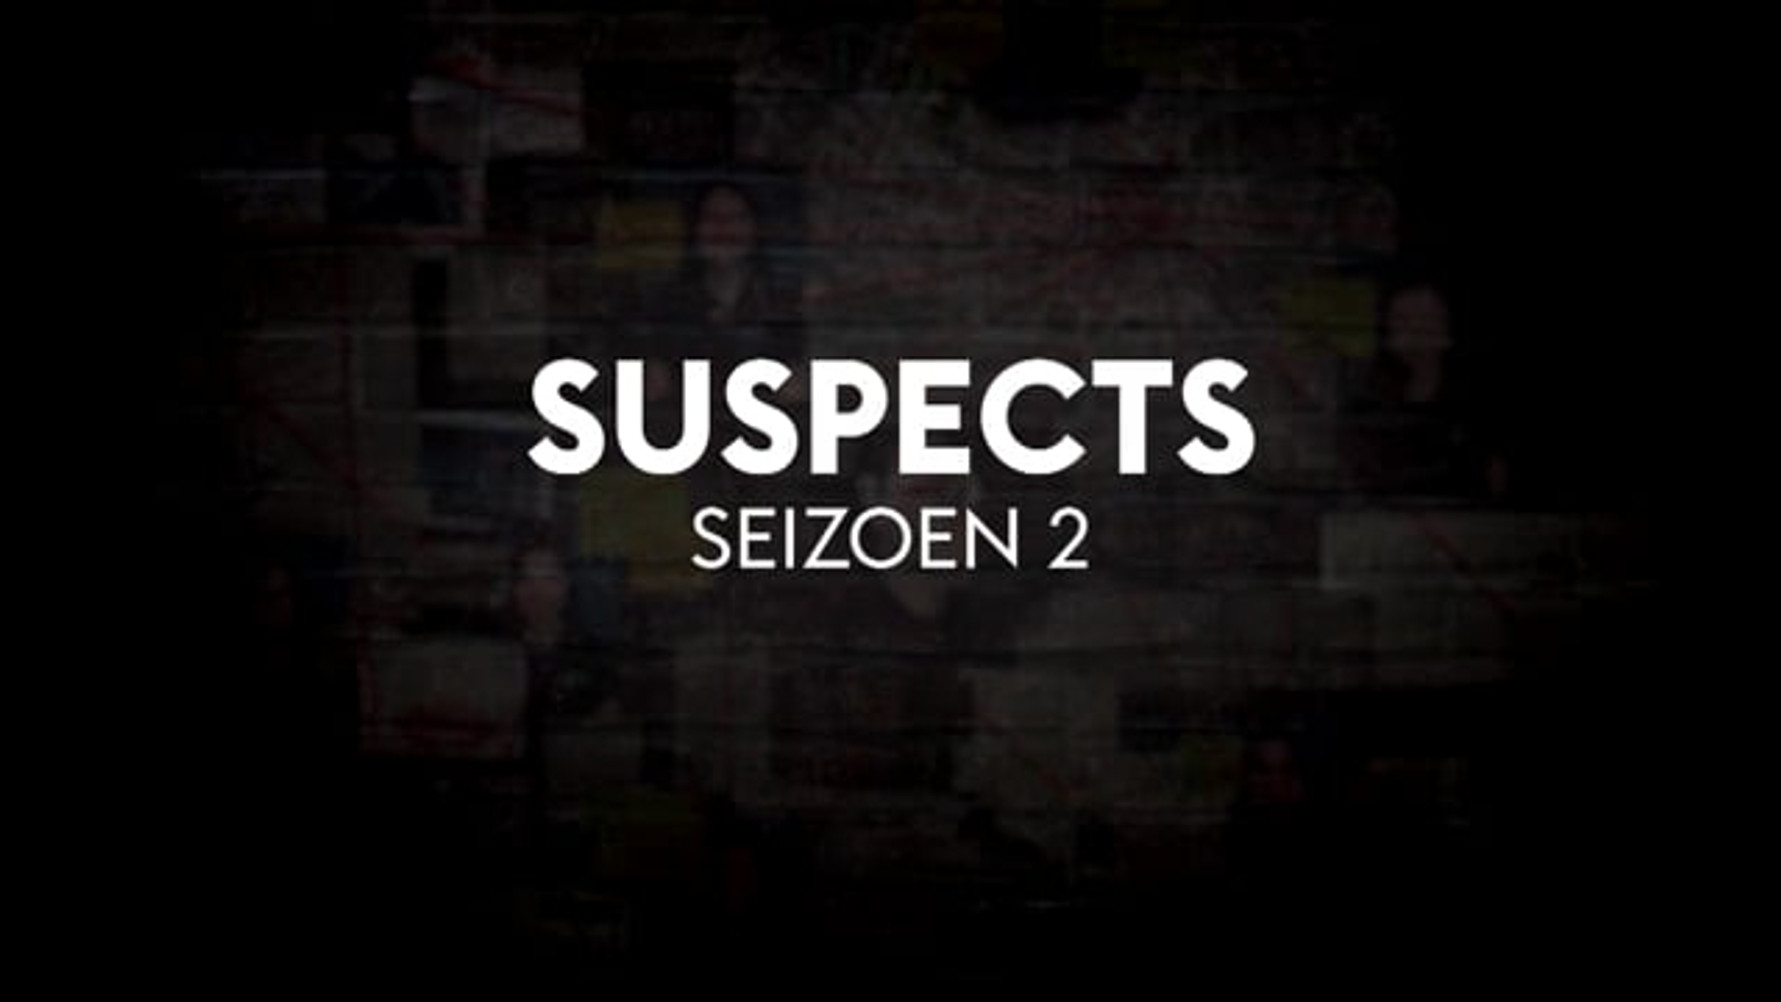 SUSPECTS - Season 2